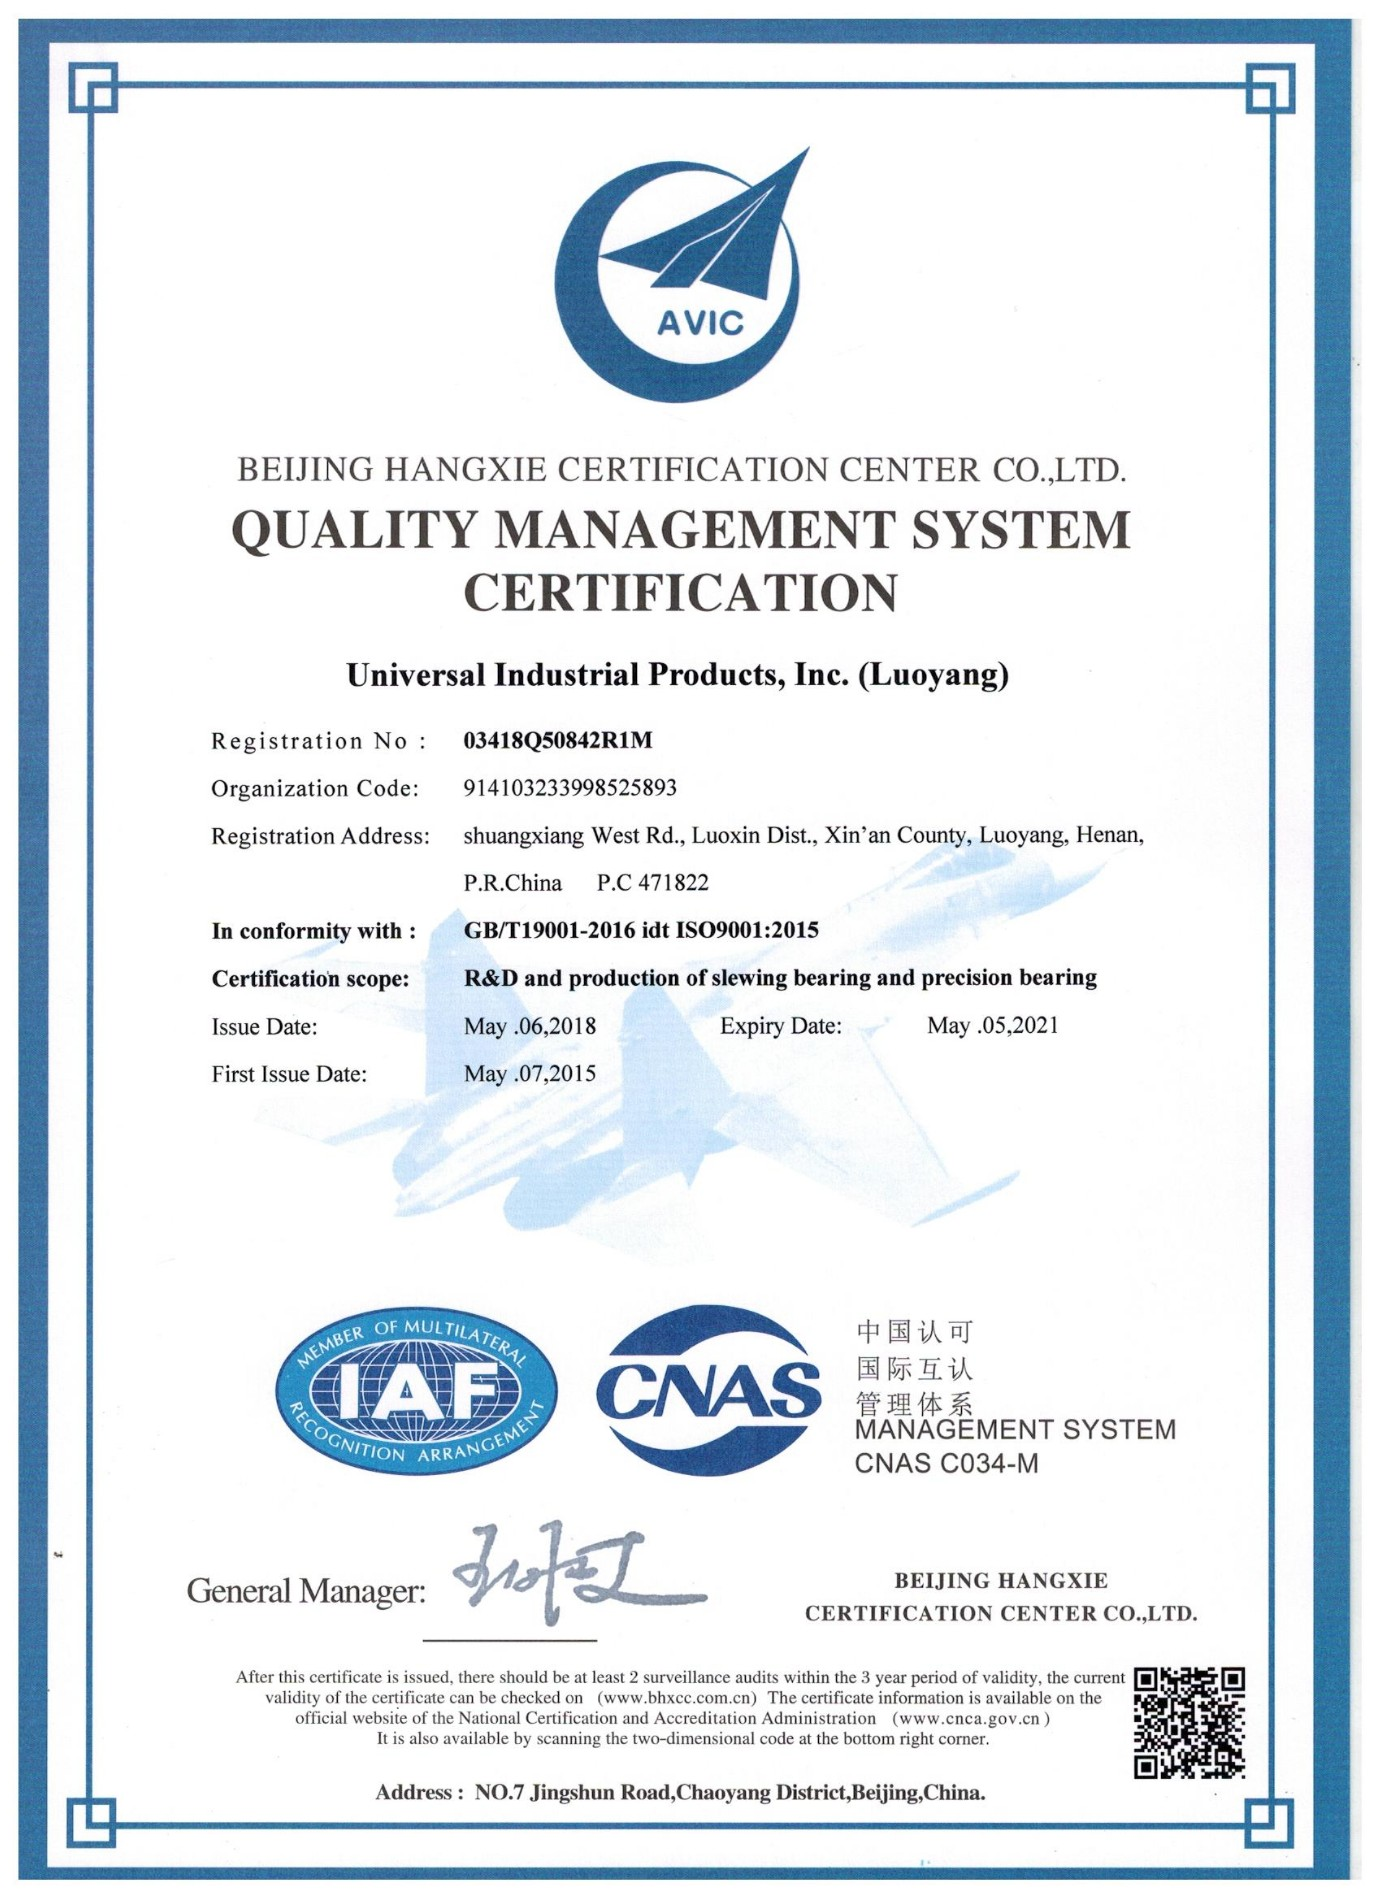 نحن ISO 9001: 2015 مصنع معتمد